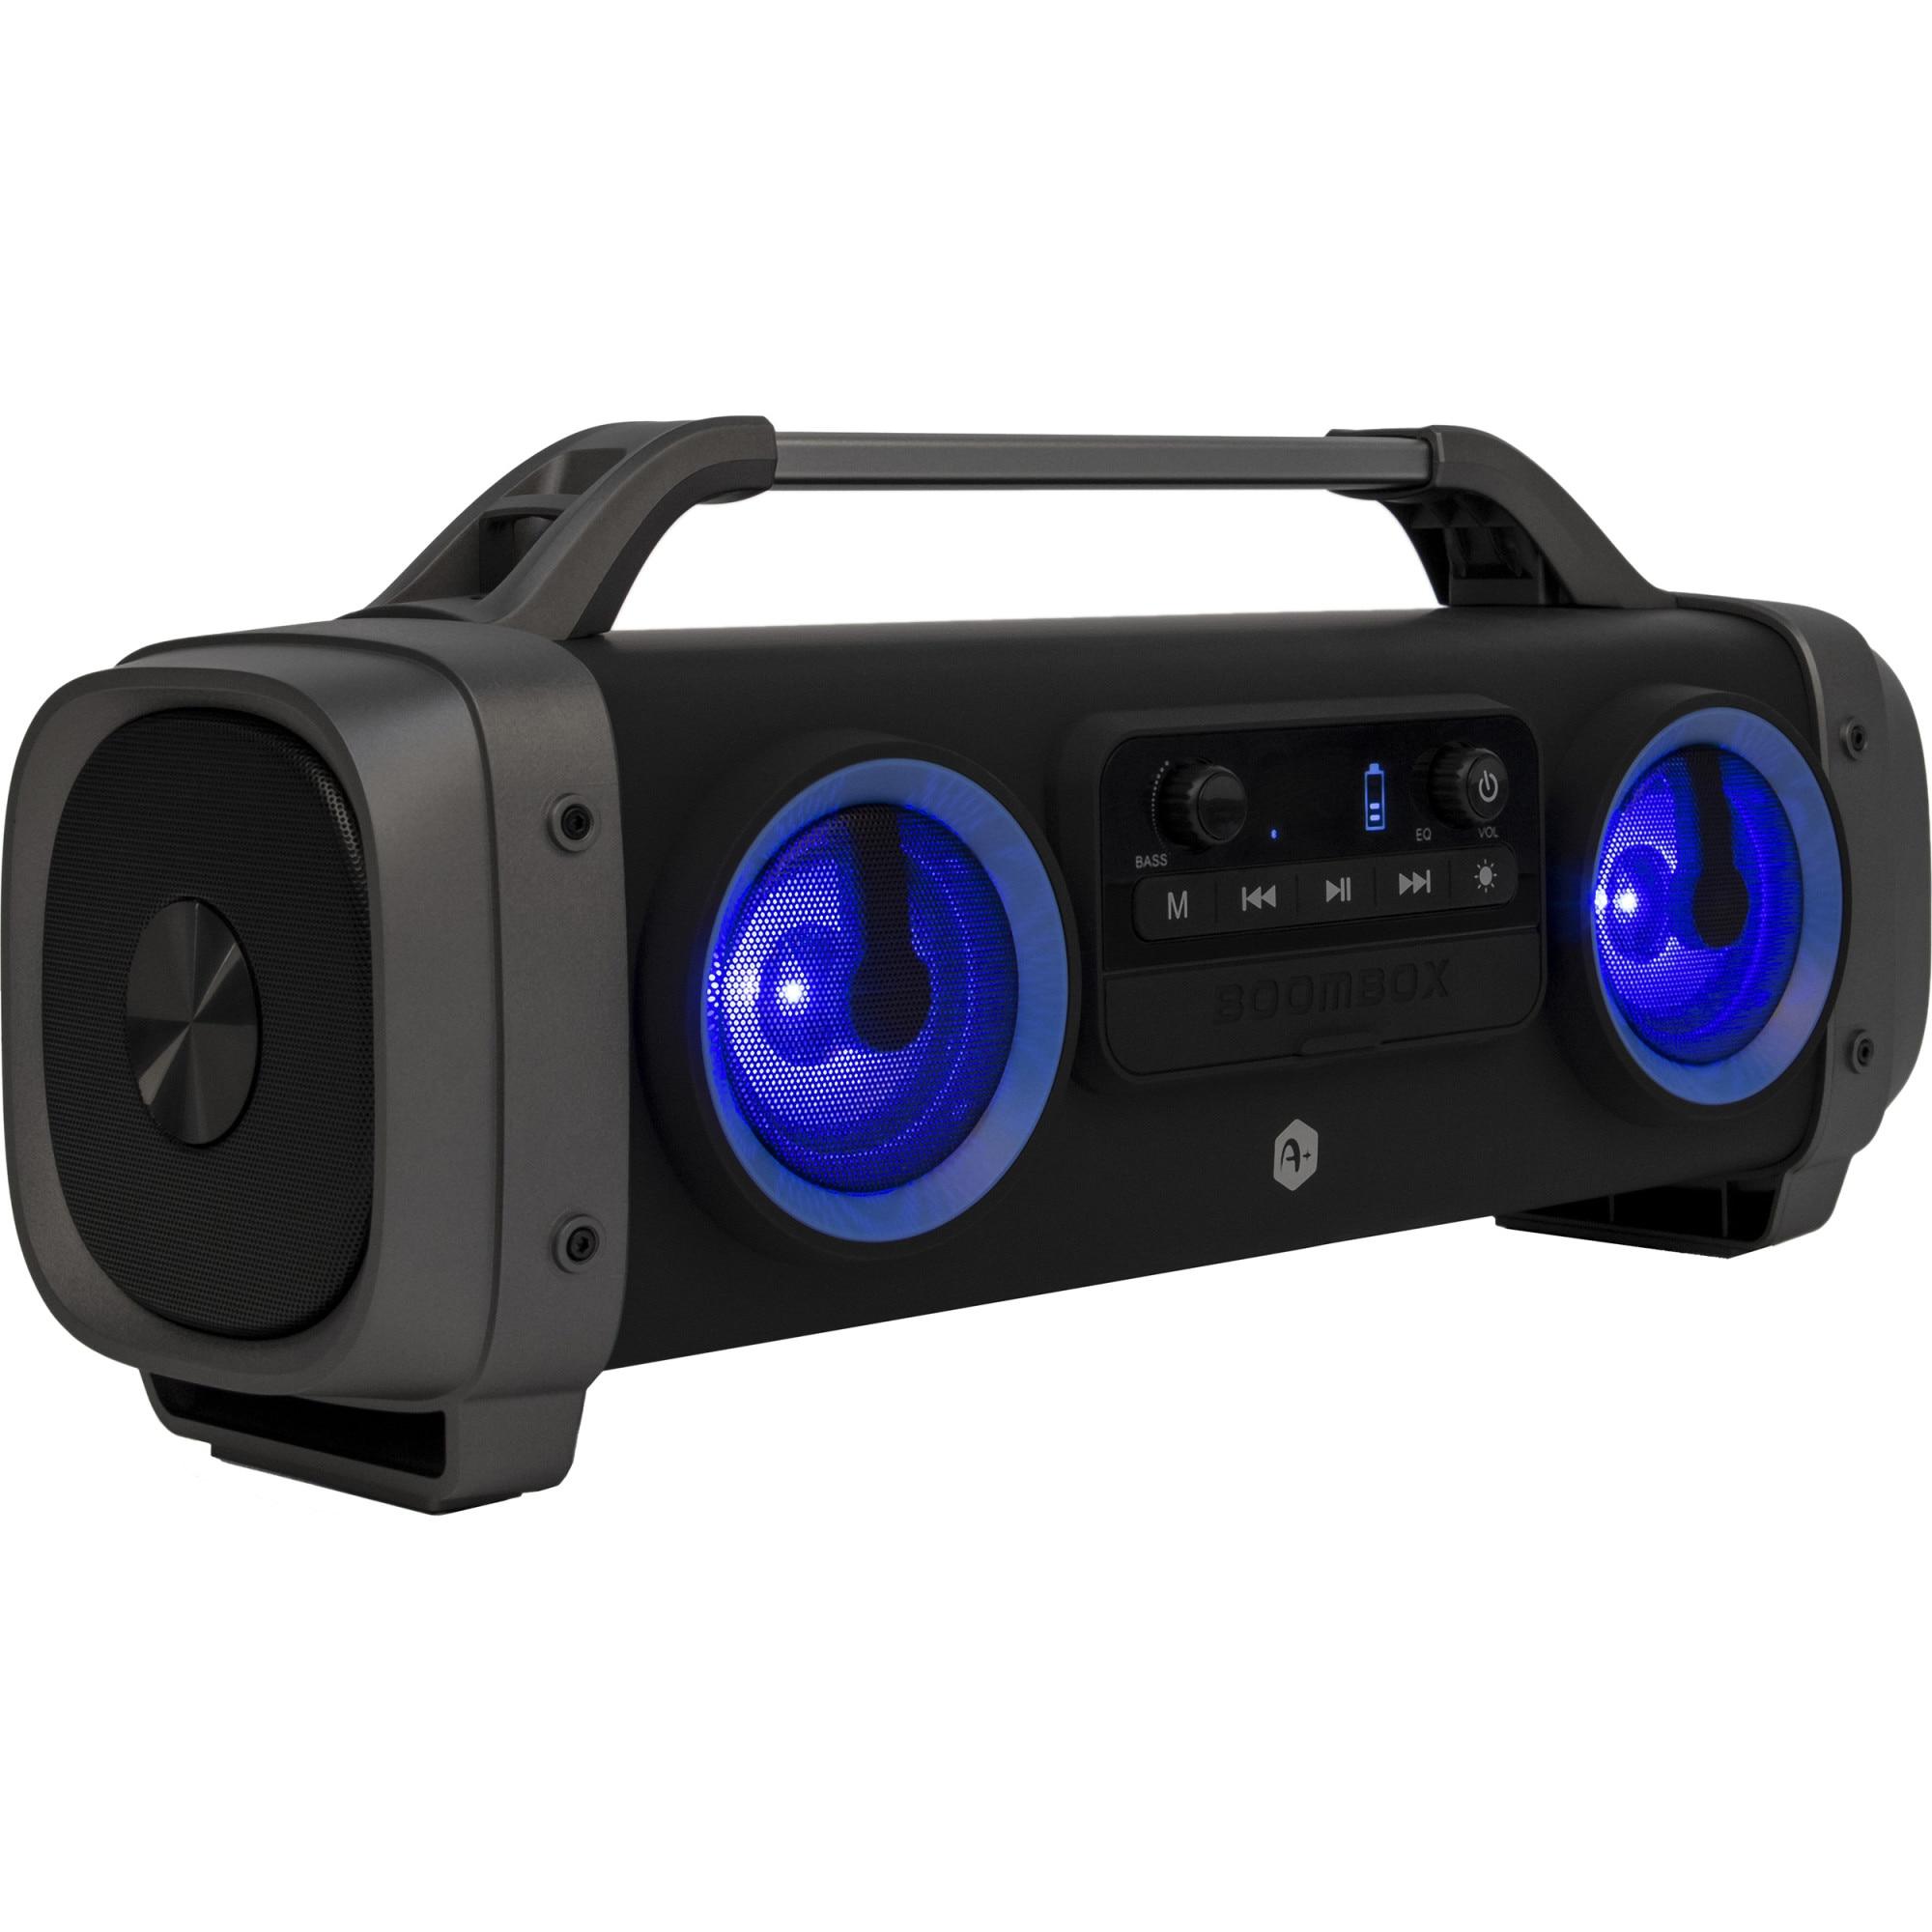 Fotografie Boxa portabila bluetooth A+ Retro, 26W, port USB/ FM Radio, negru